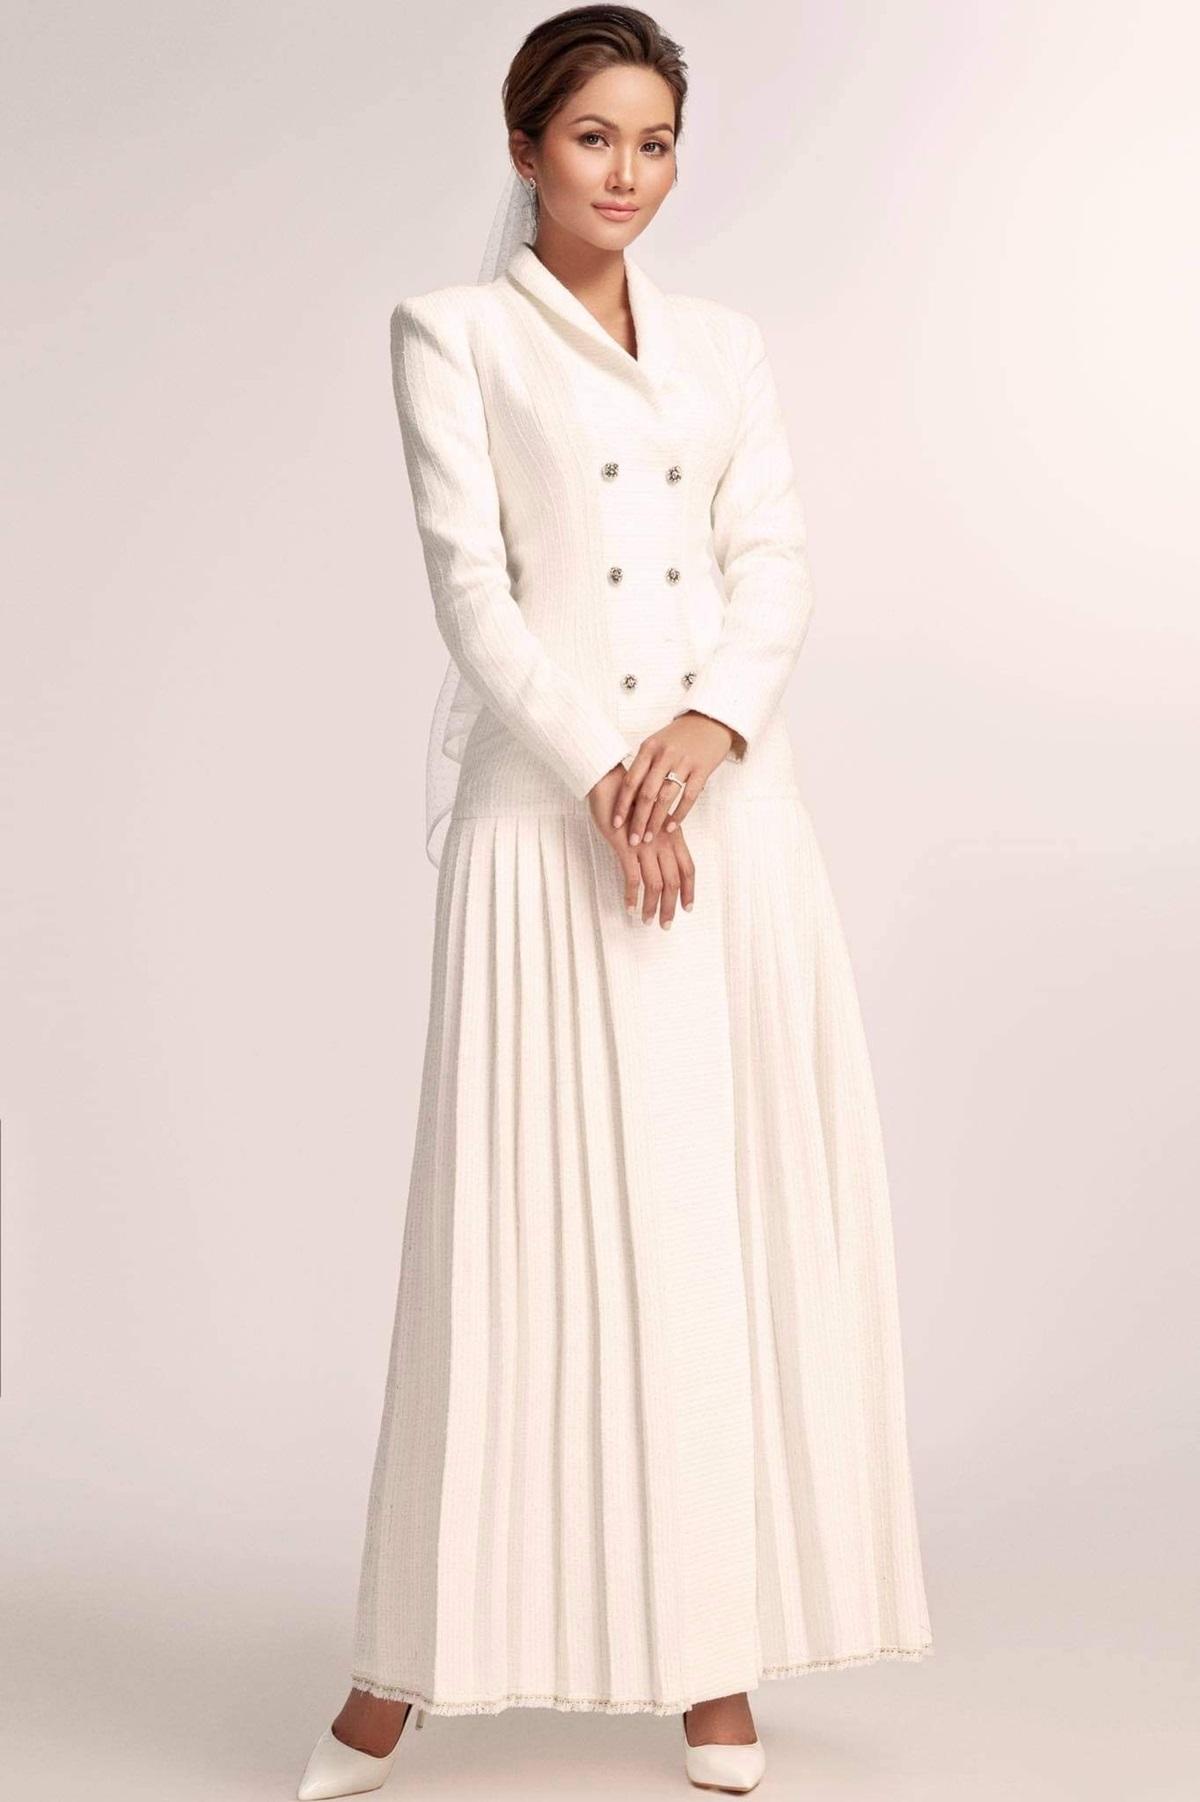 Loạt váy từ vải tweed được dệt thủ công, tỉ mỉ và kiểm soát chặt chẽ. NTK Nguyễn Phương Đông biến tấu chất liệu này thành váy dài, giúp Hoa hậu H'Hen Niê toát lên vẻ sang trọng.